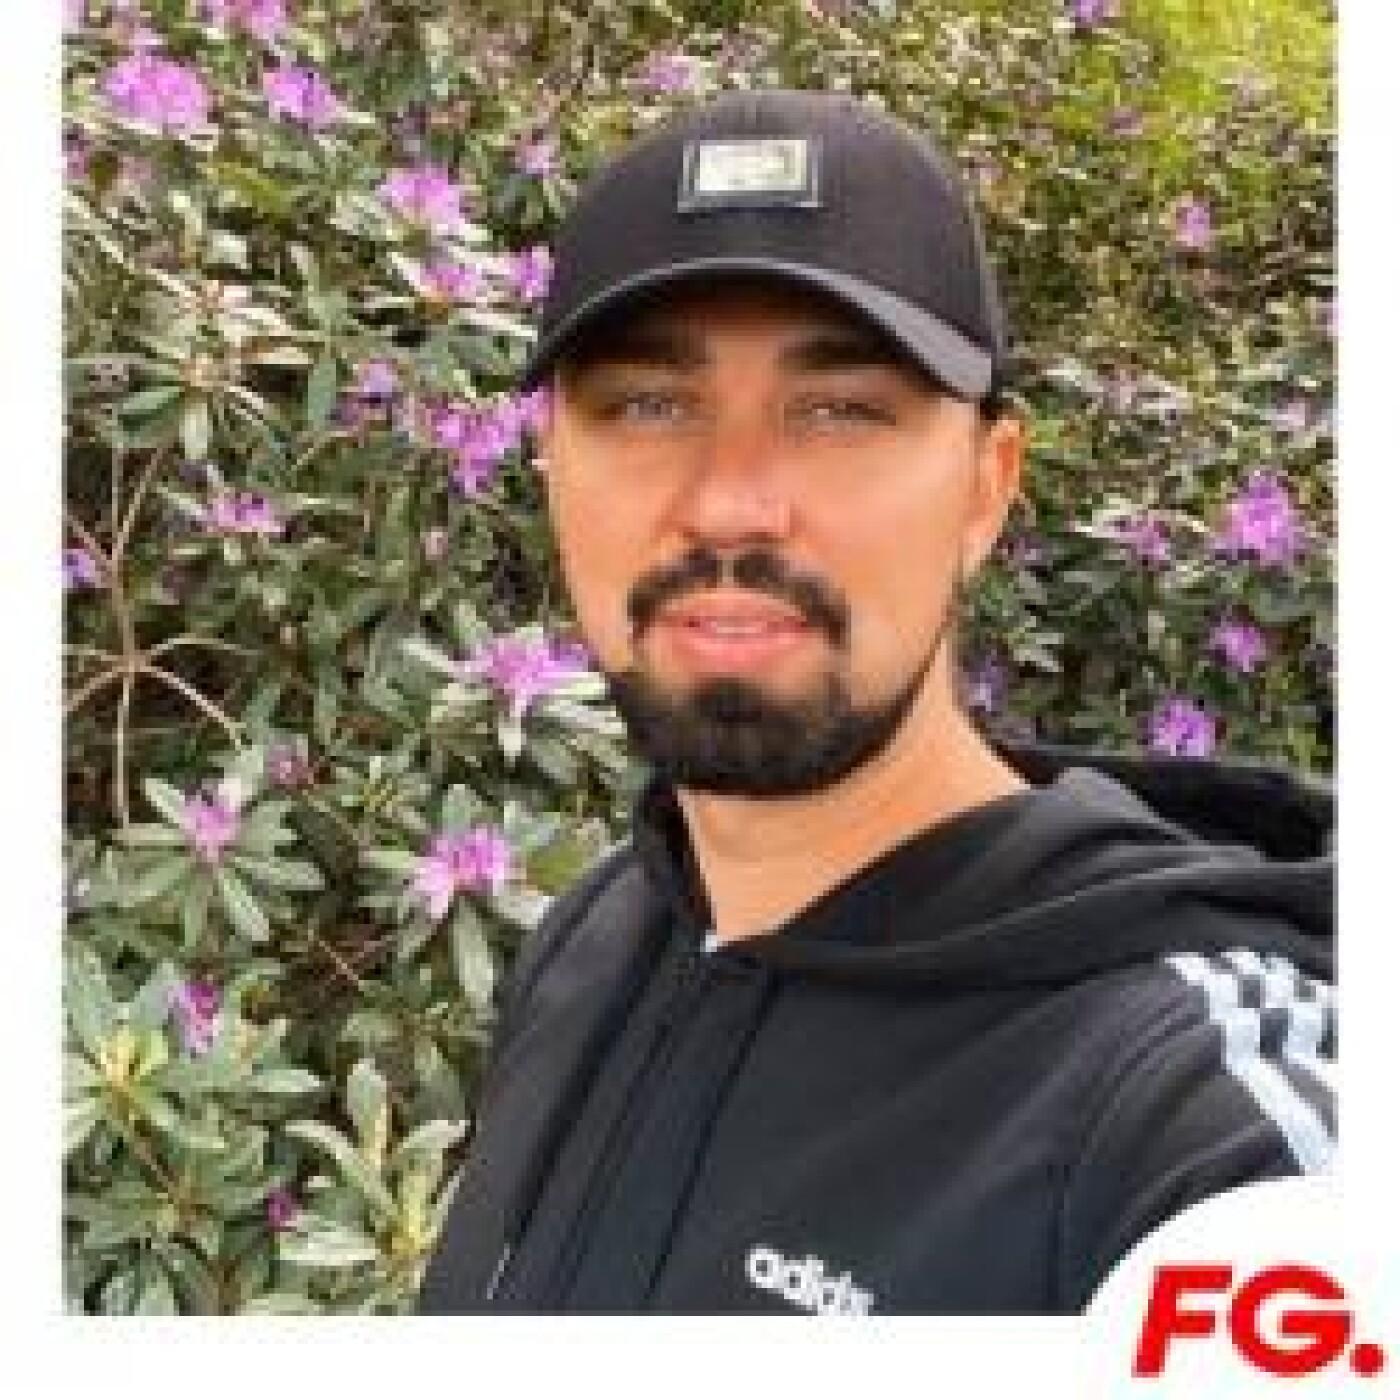 CLUB FG : SONNY FODERA